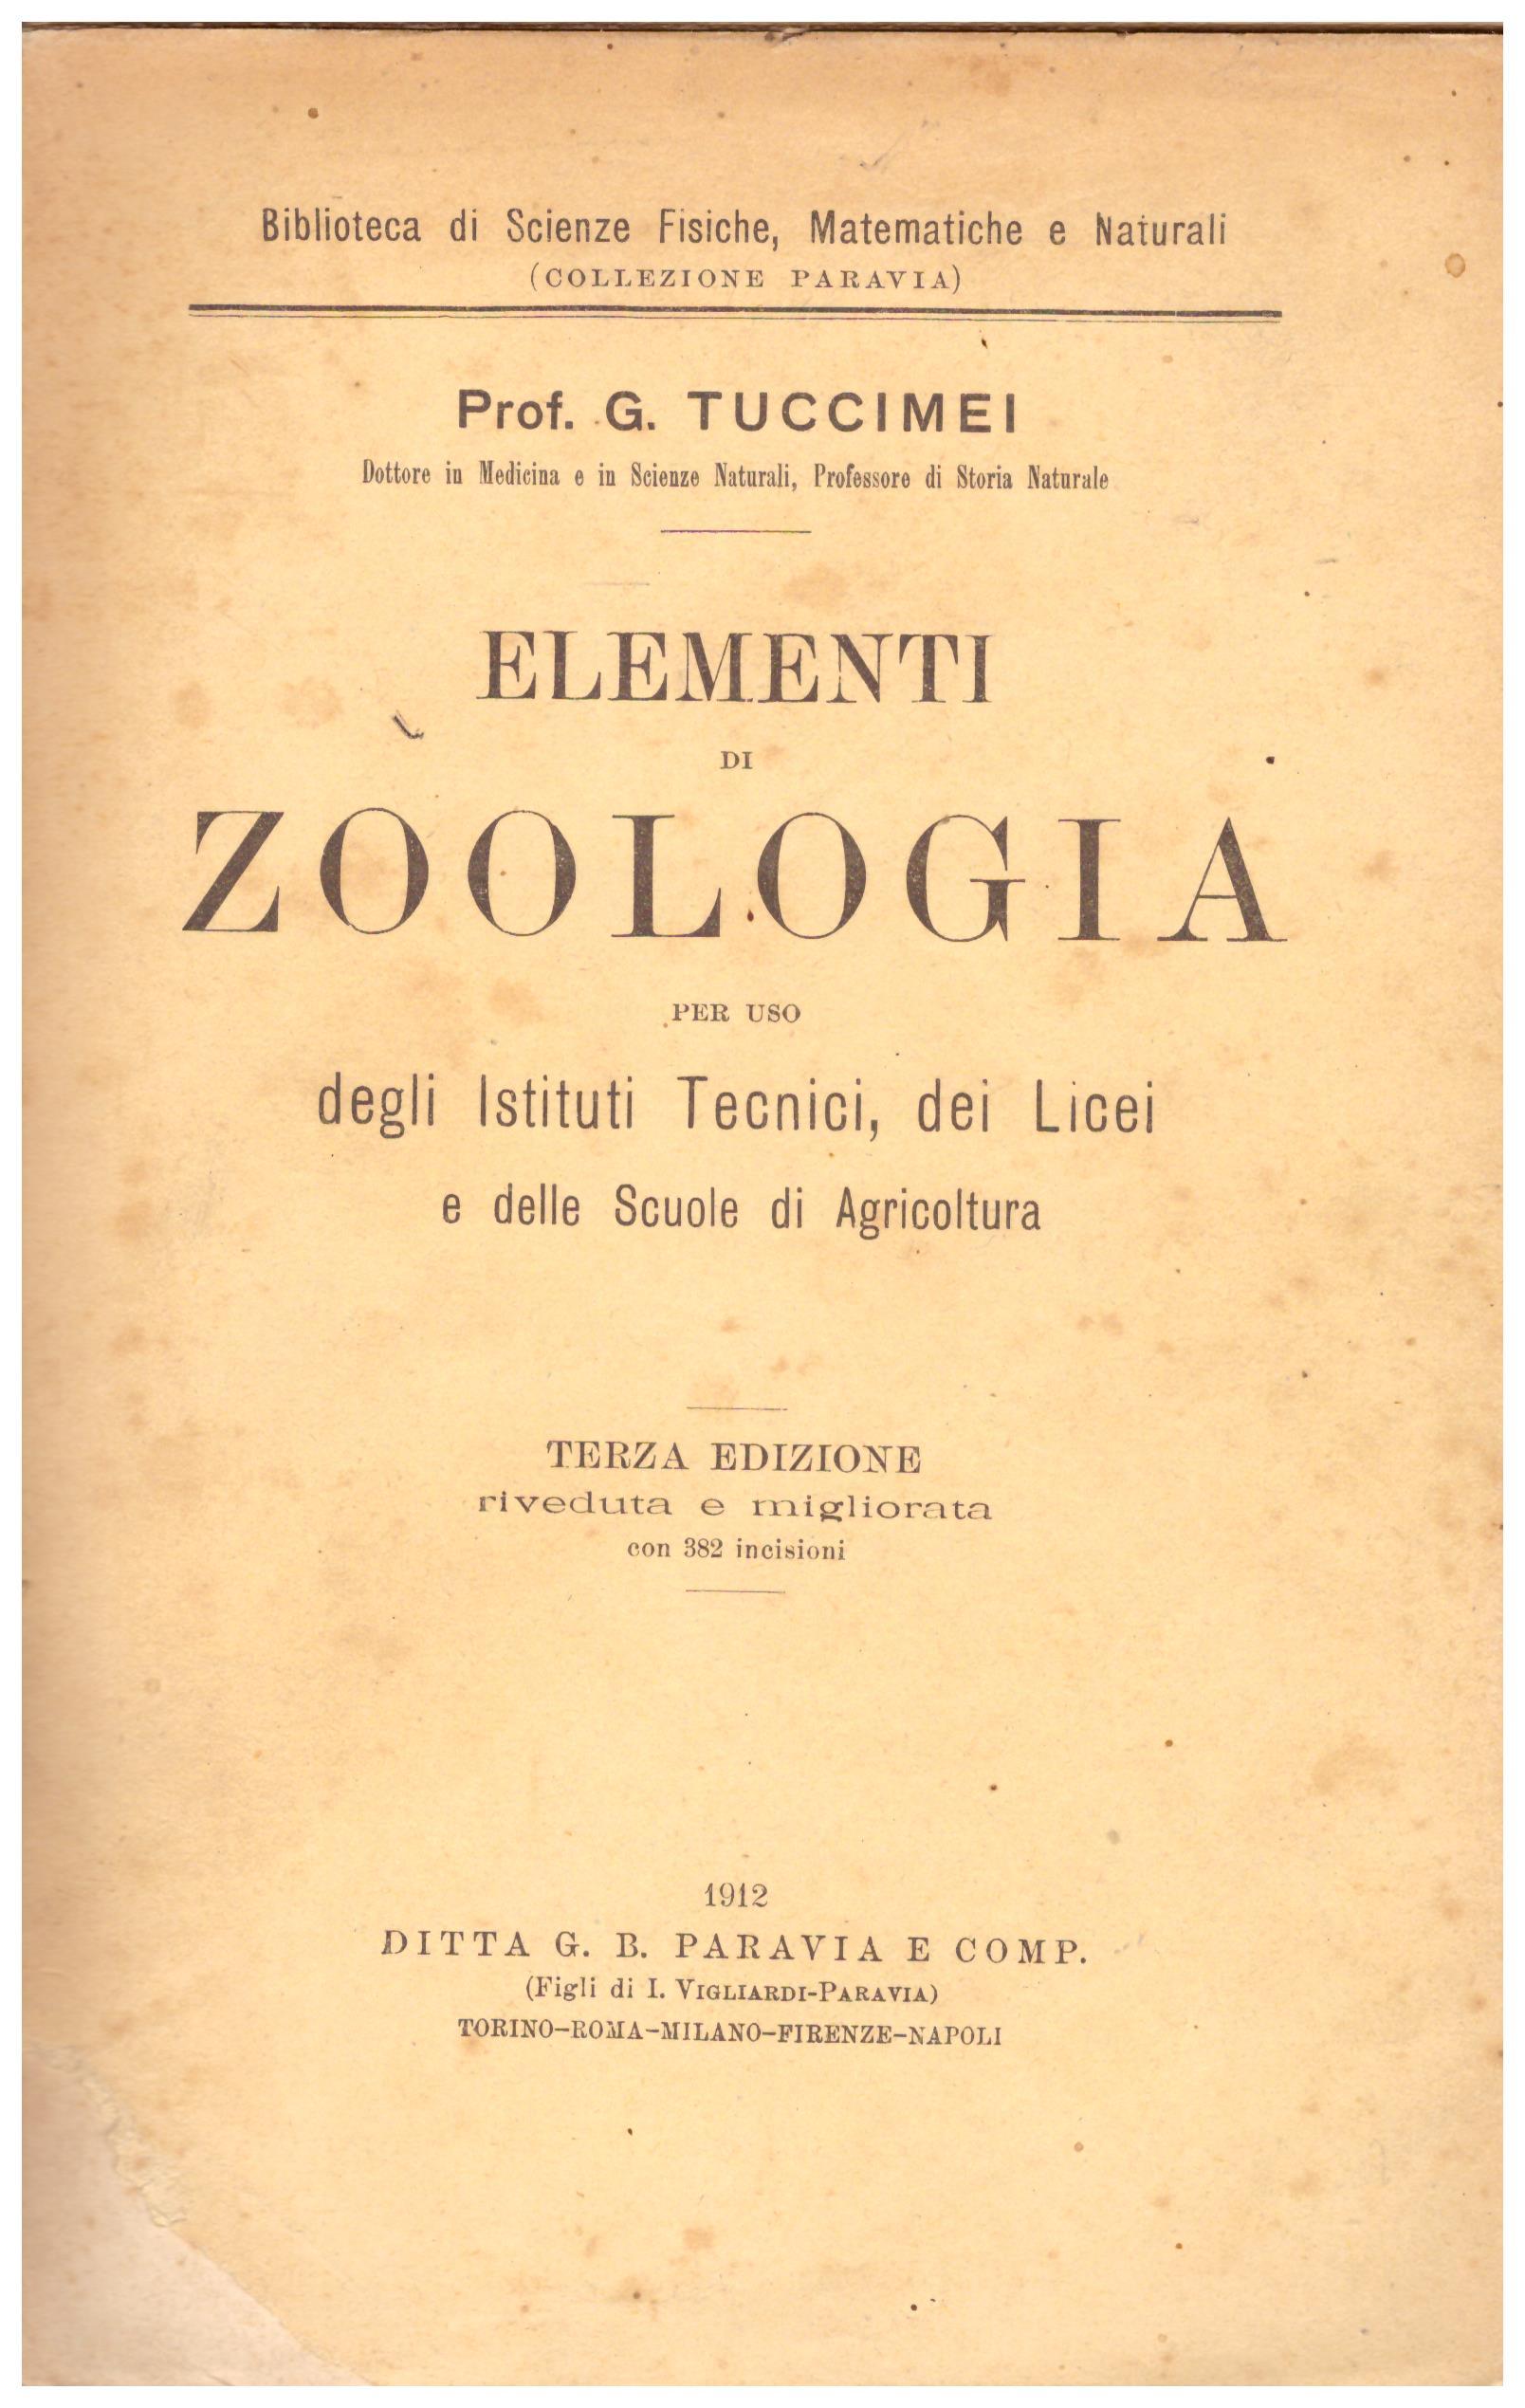 Titolo: Elementi di zoologia Autore : Prof. G. Tuccimei Editore: Paravia, 1912